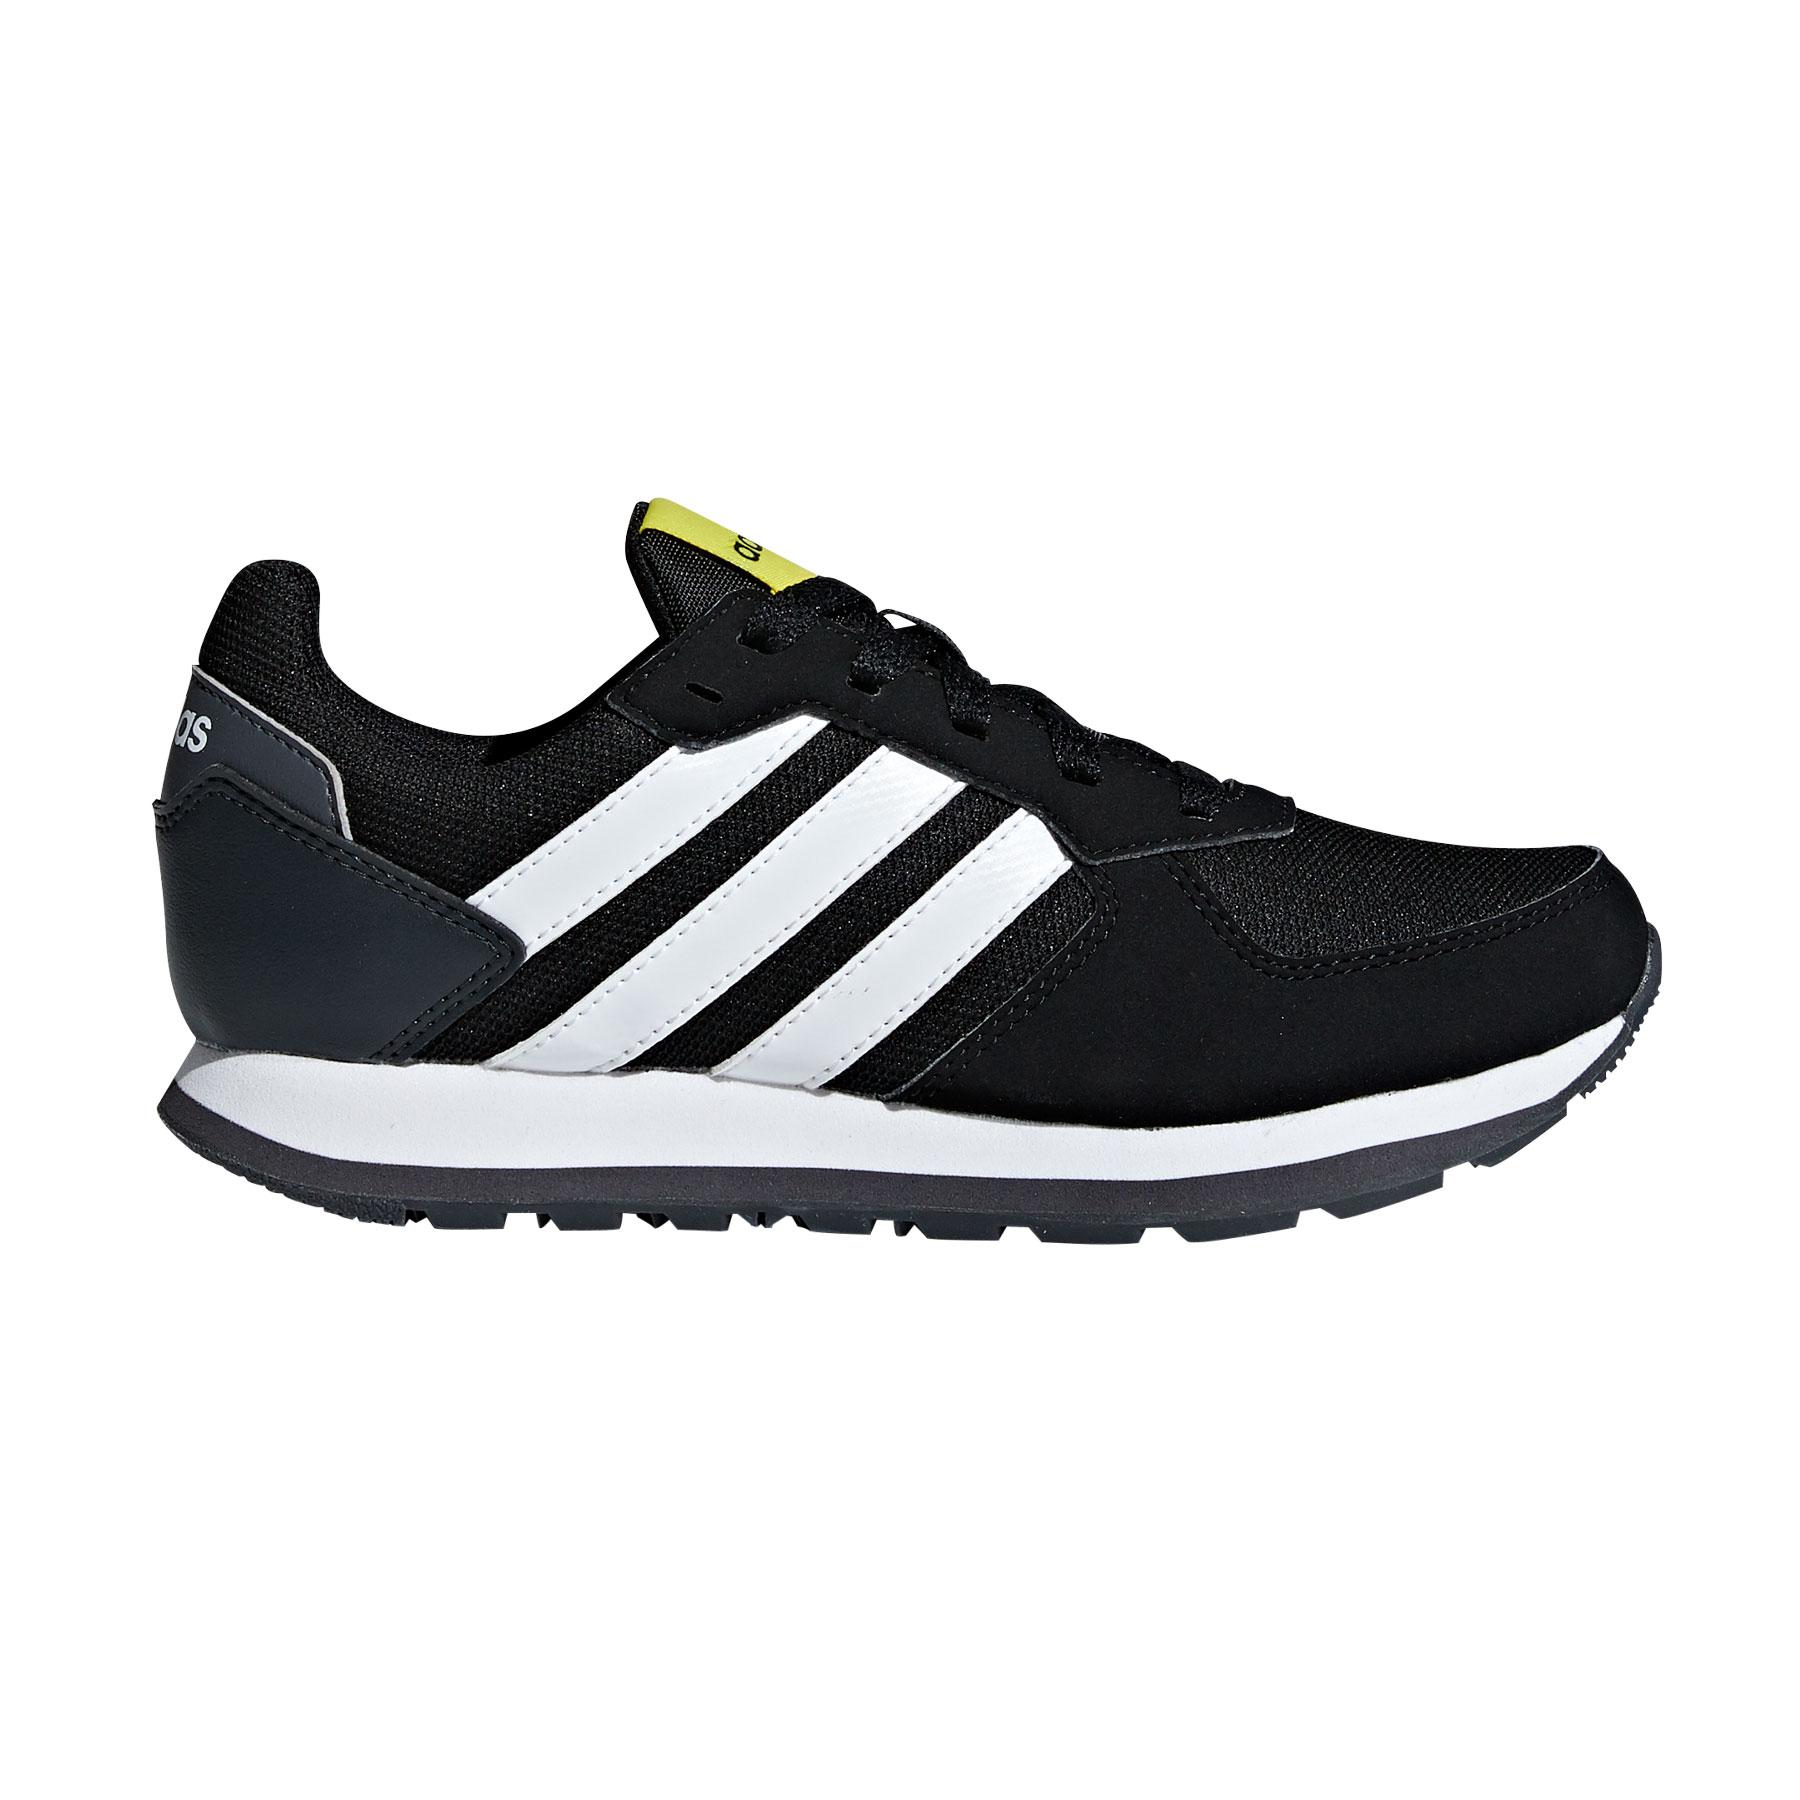 Afbeelding van Adidas 8K B75735 Vrijetijdsschoenen Junior Core Black Footwear White